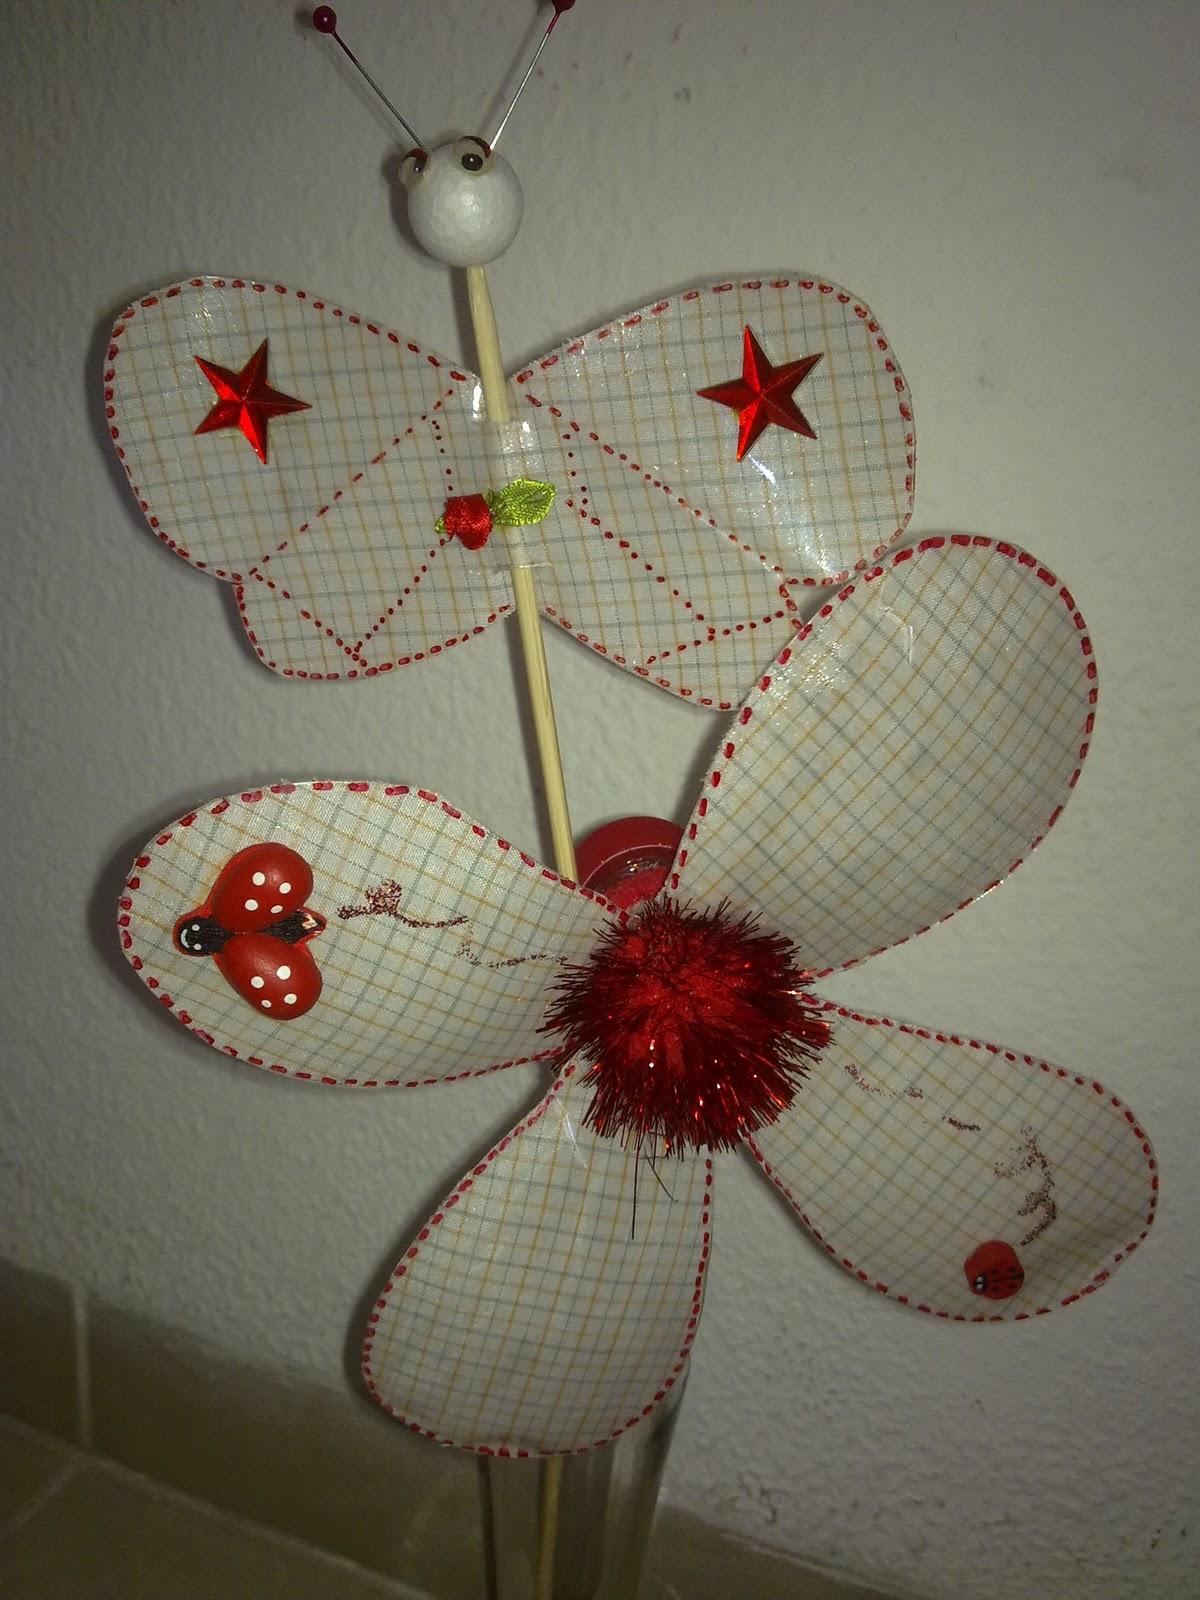 Armario Rinconera Conforama ~ Arte em miçangas Flor de garrafa pet no programa artesanato do SABOR DE